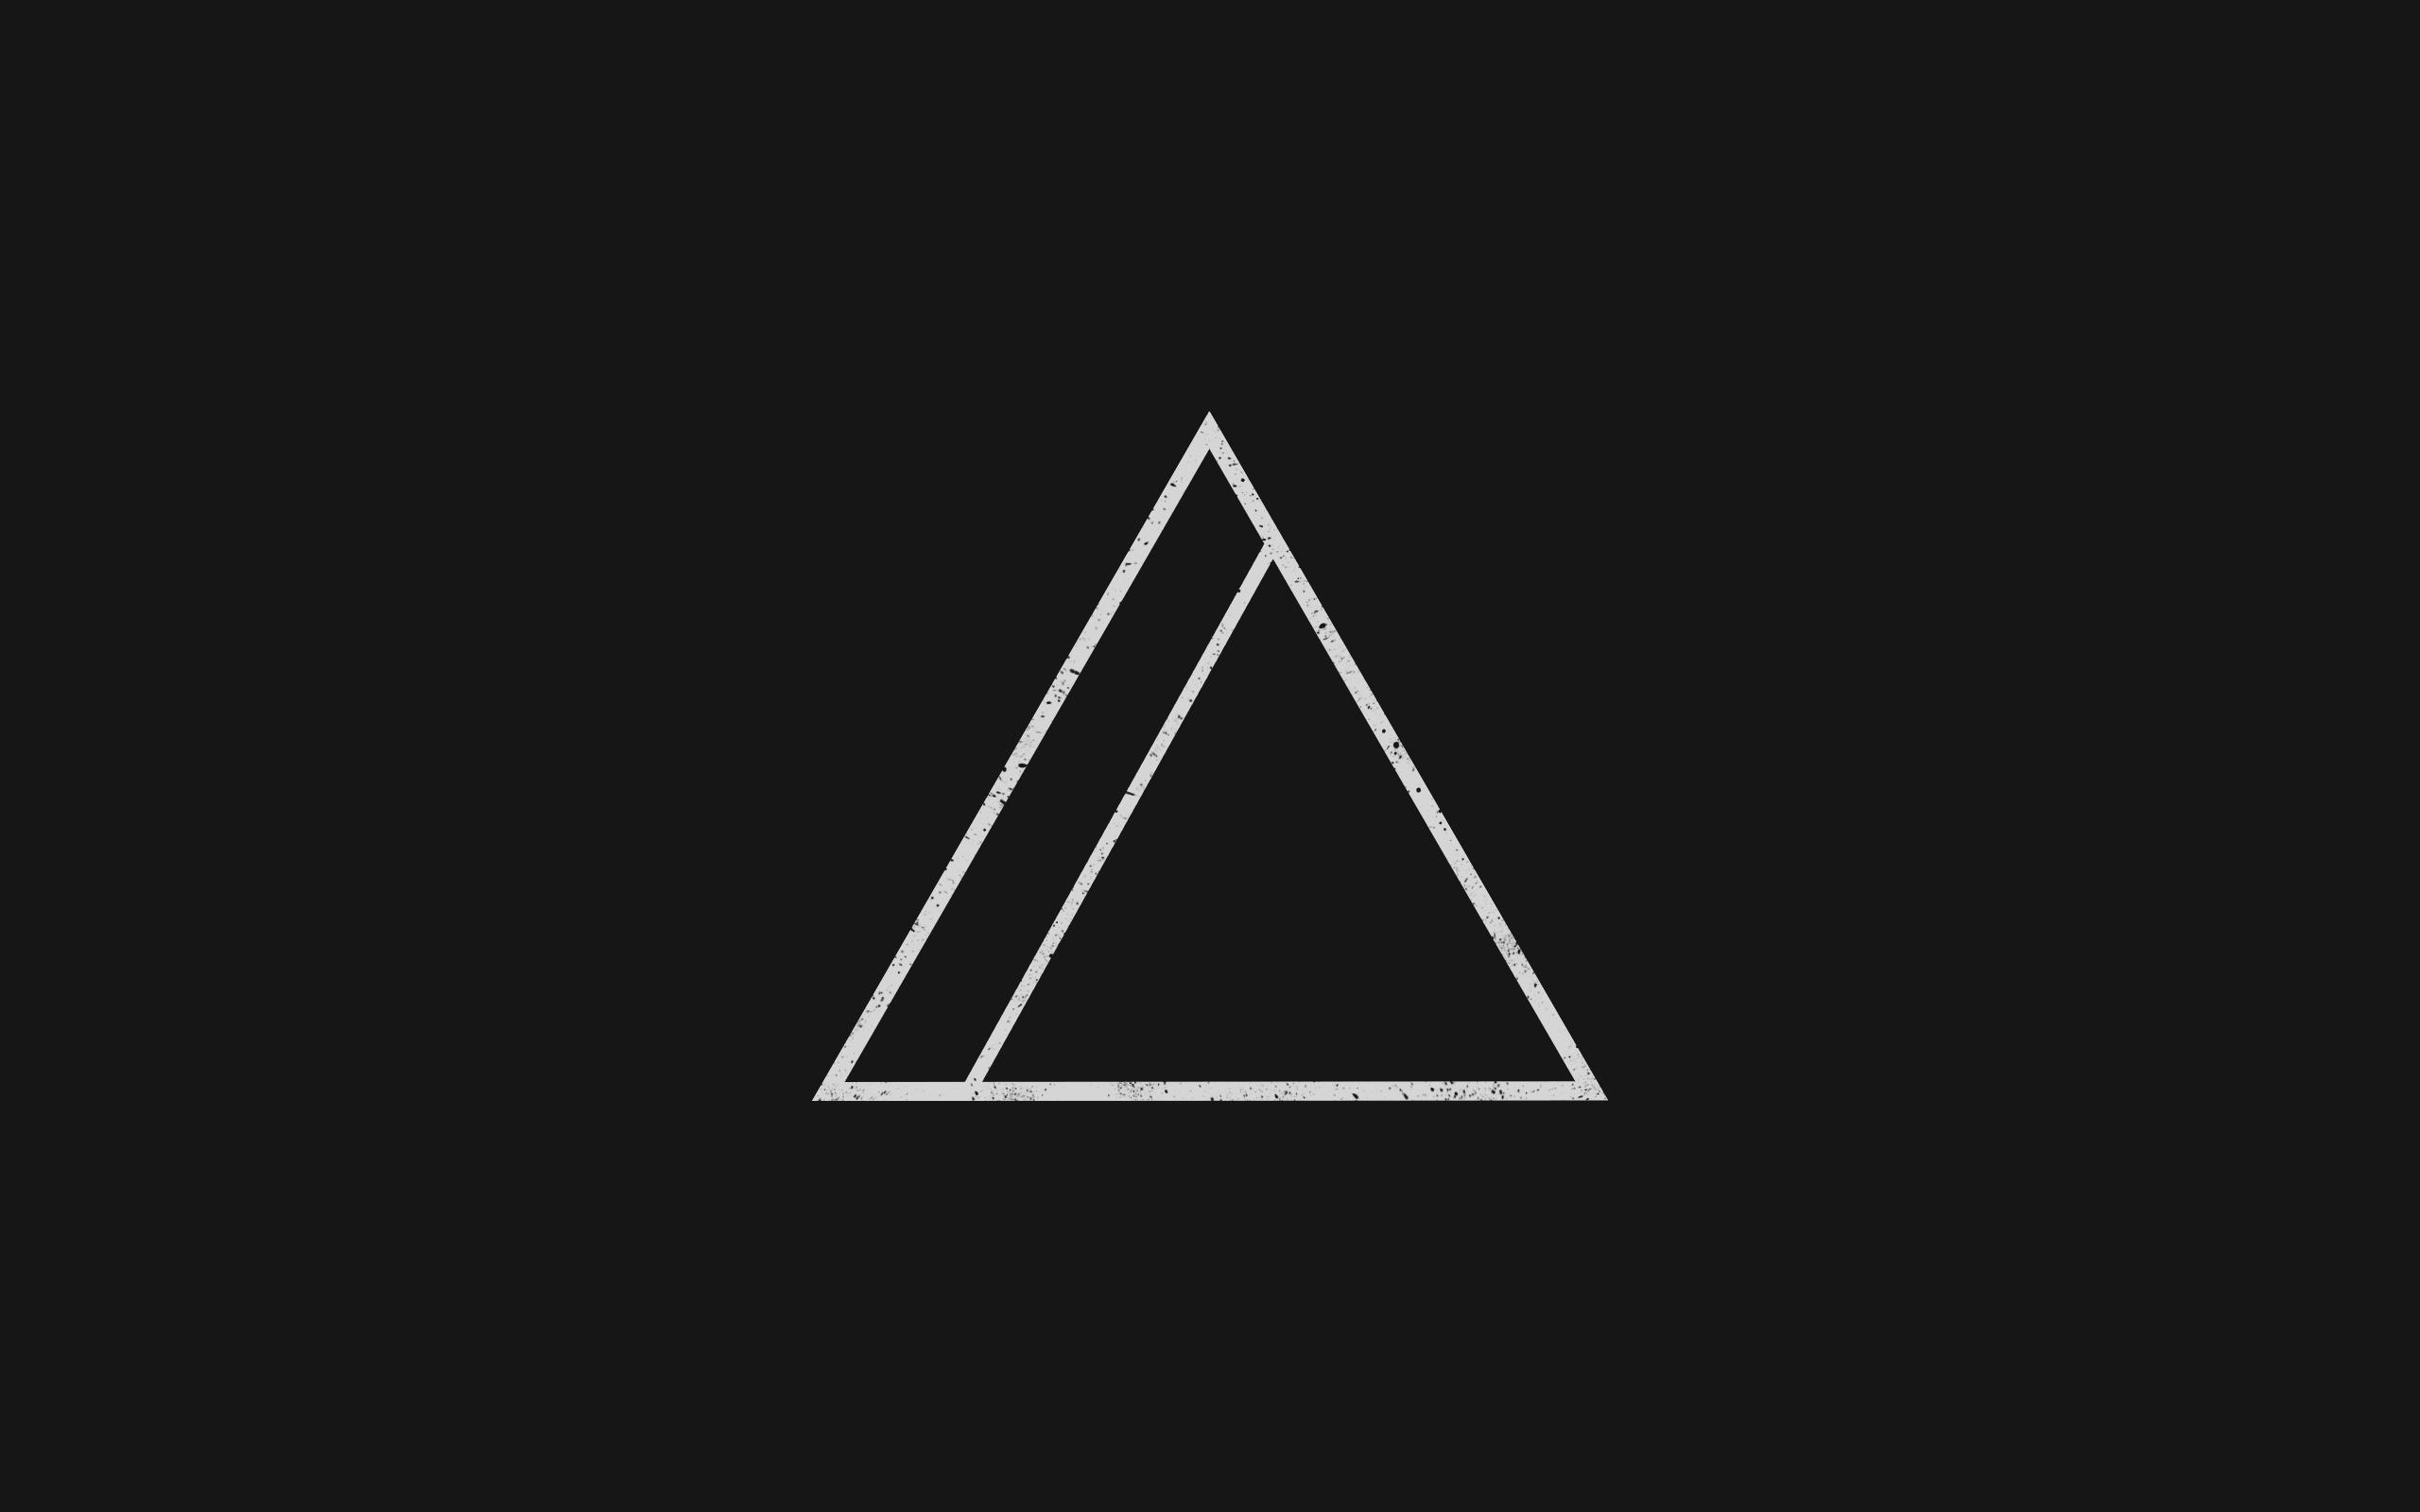 Minimalism Geometry Triangle Wallpaper, HD Minimalist 4K ...